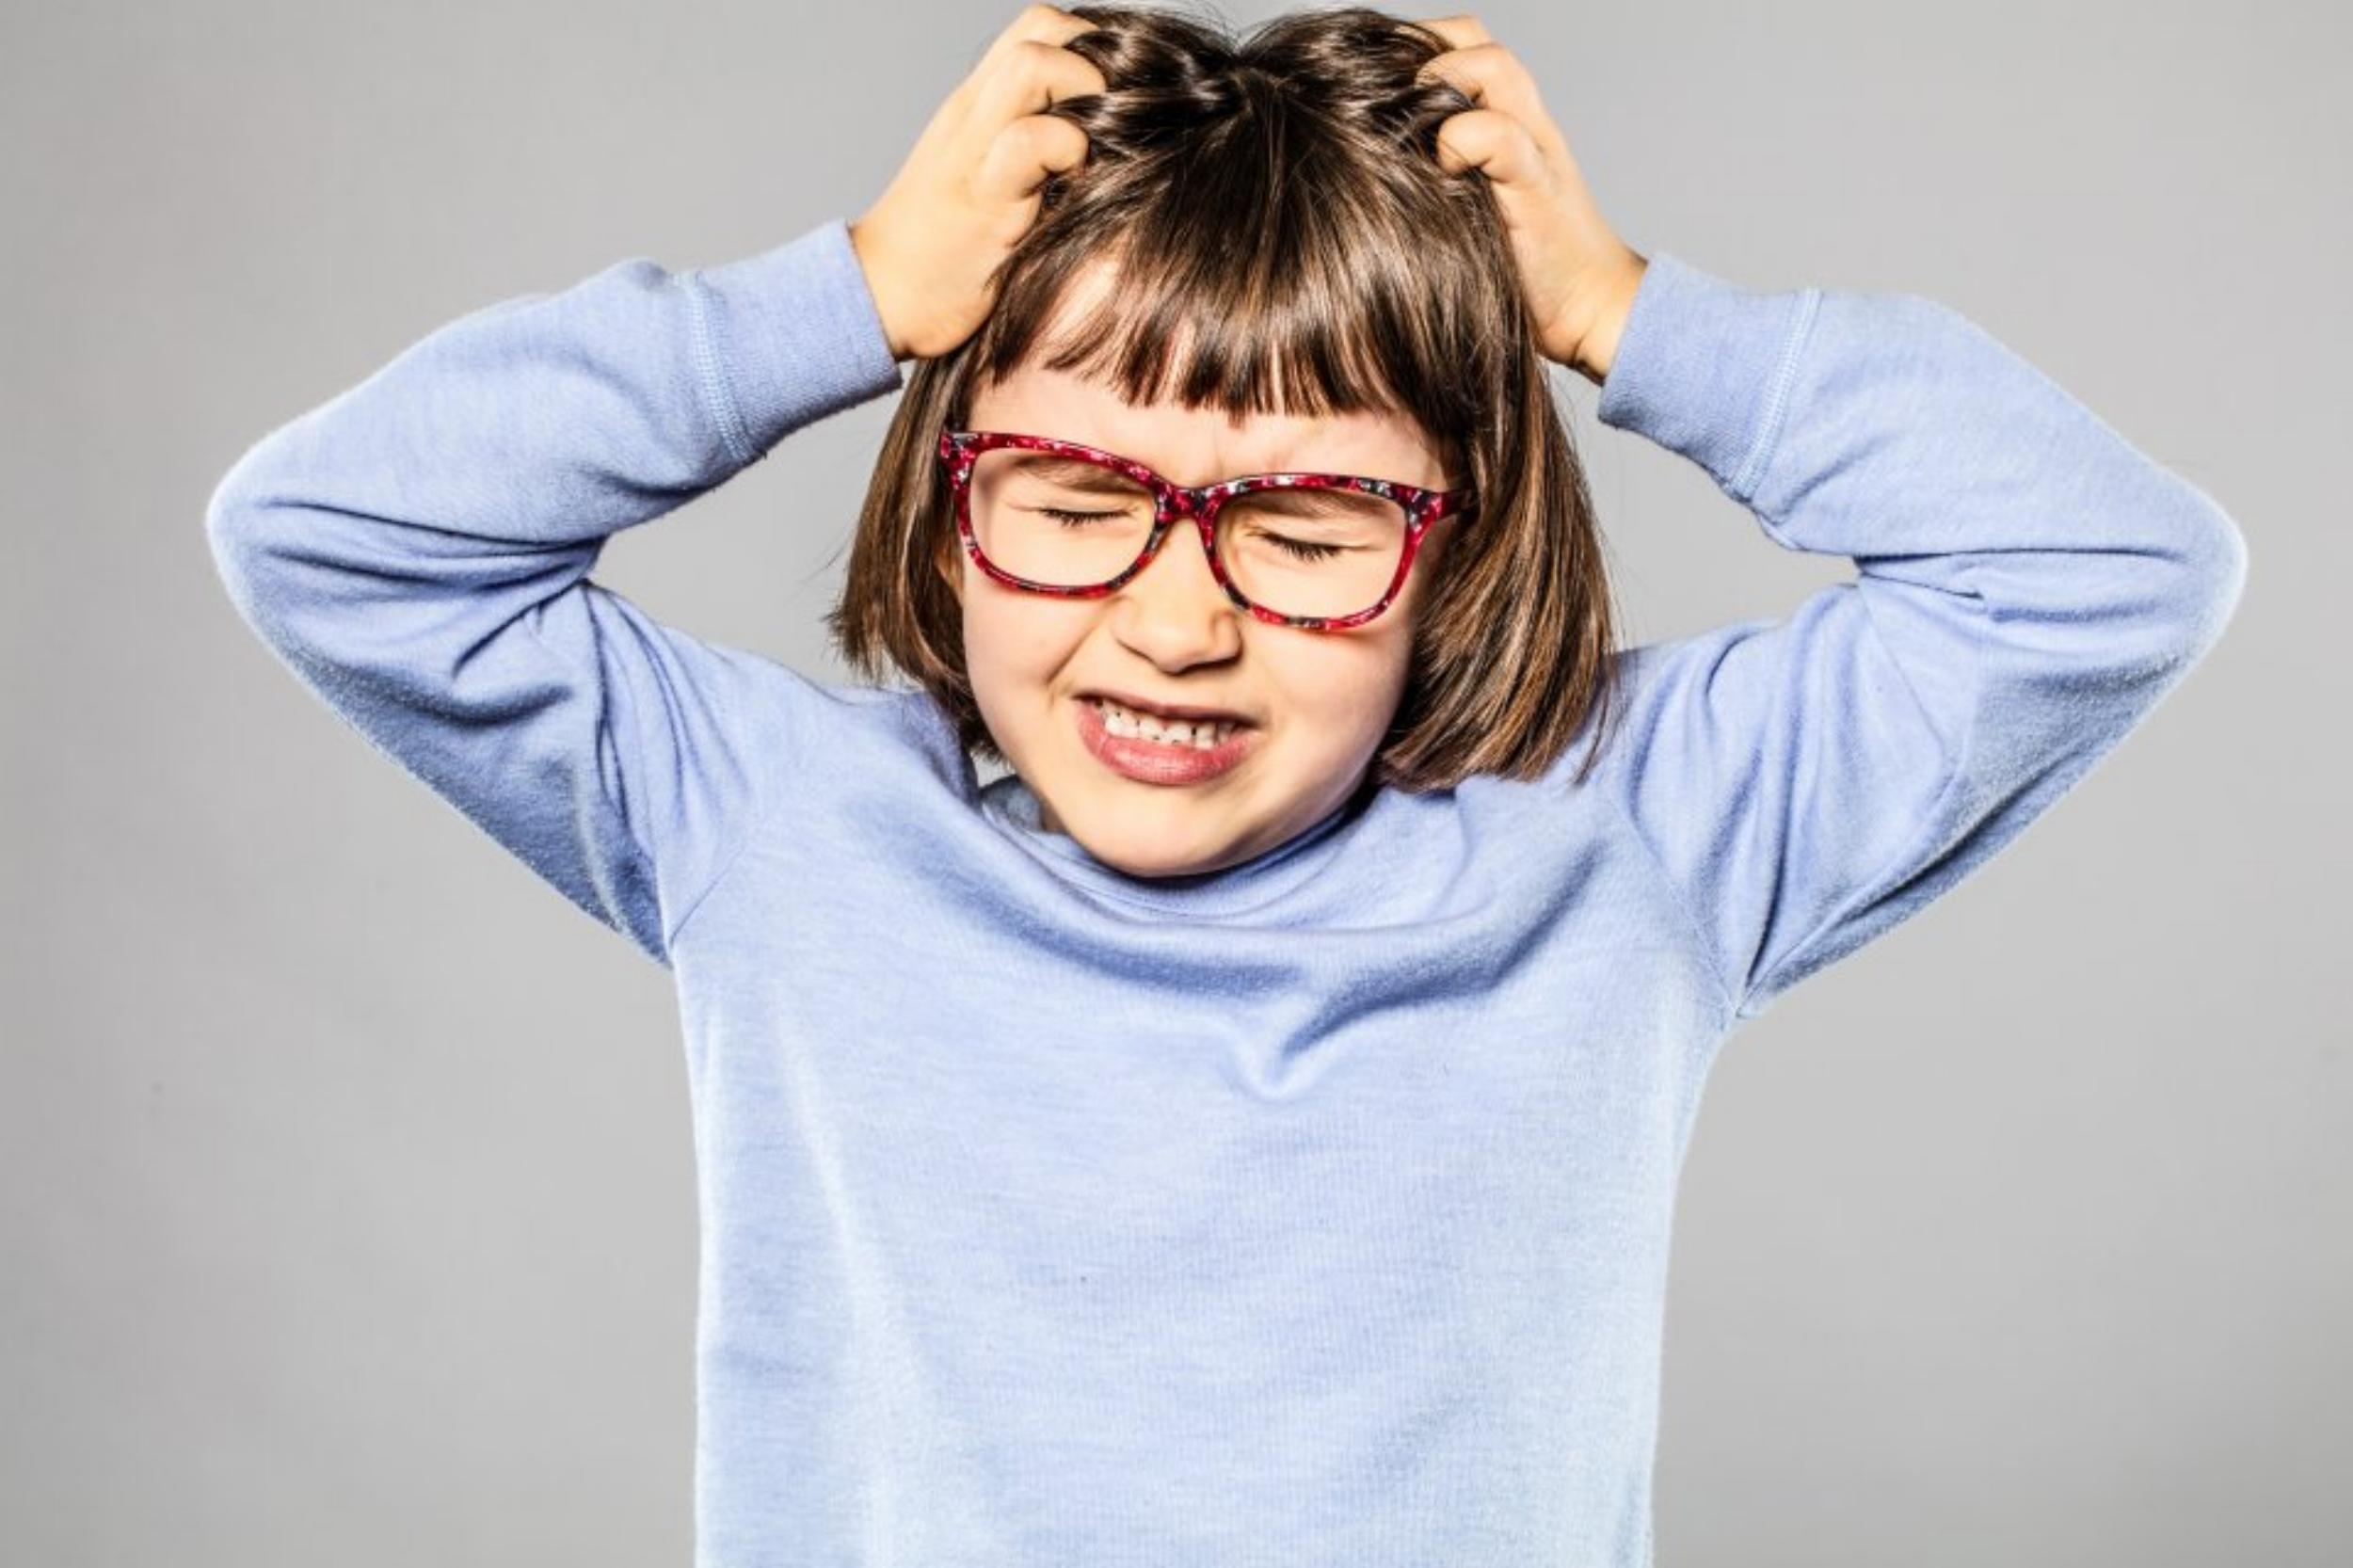 wszawica- blog dzieckoizdrowie